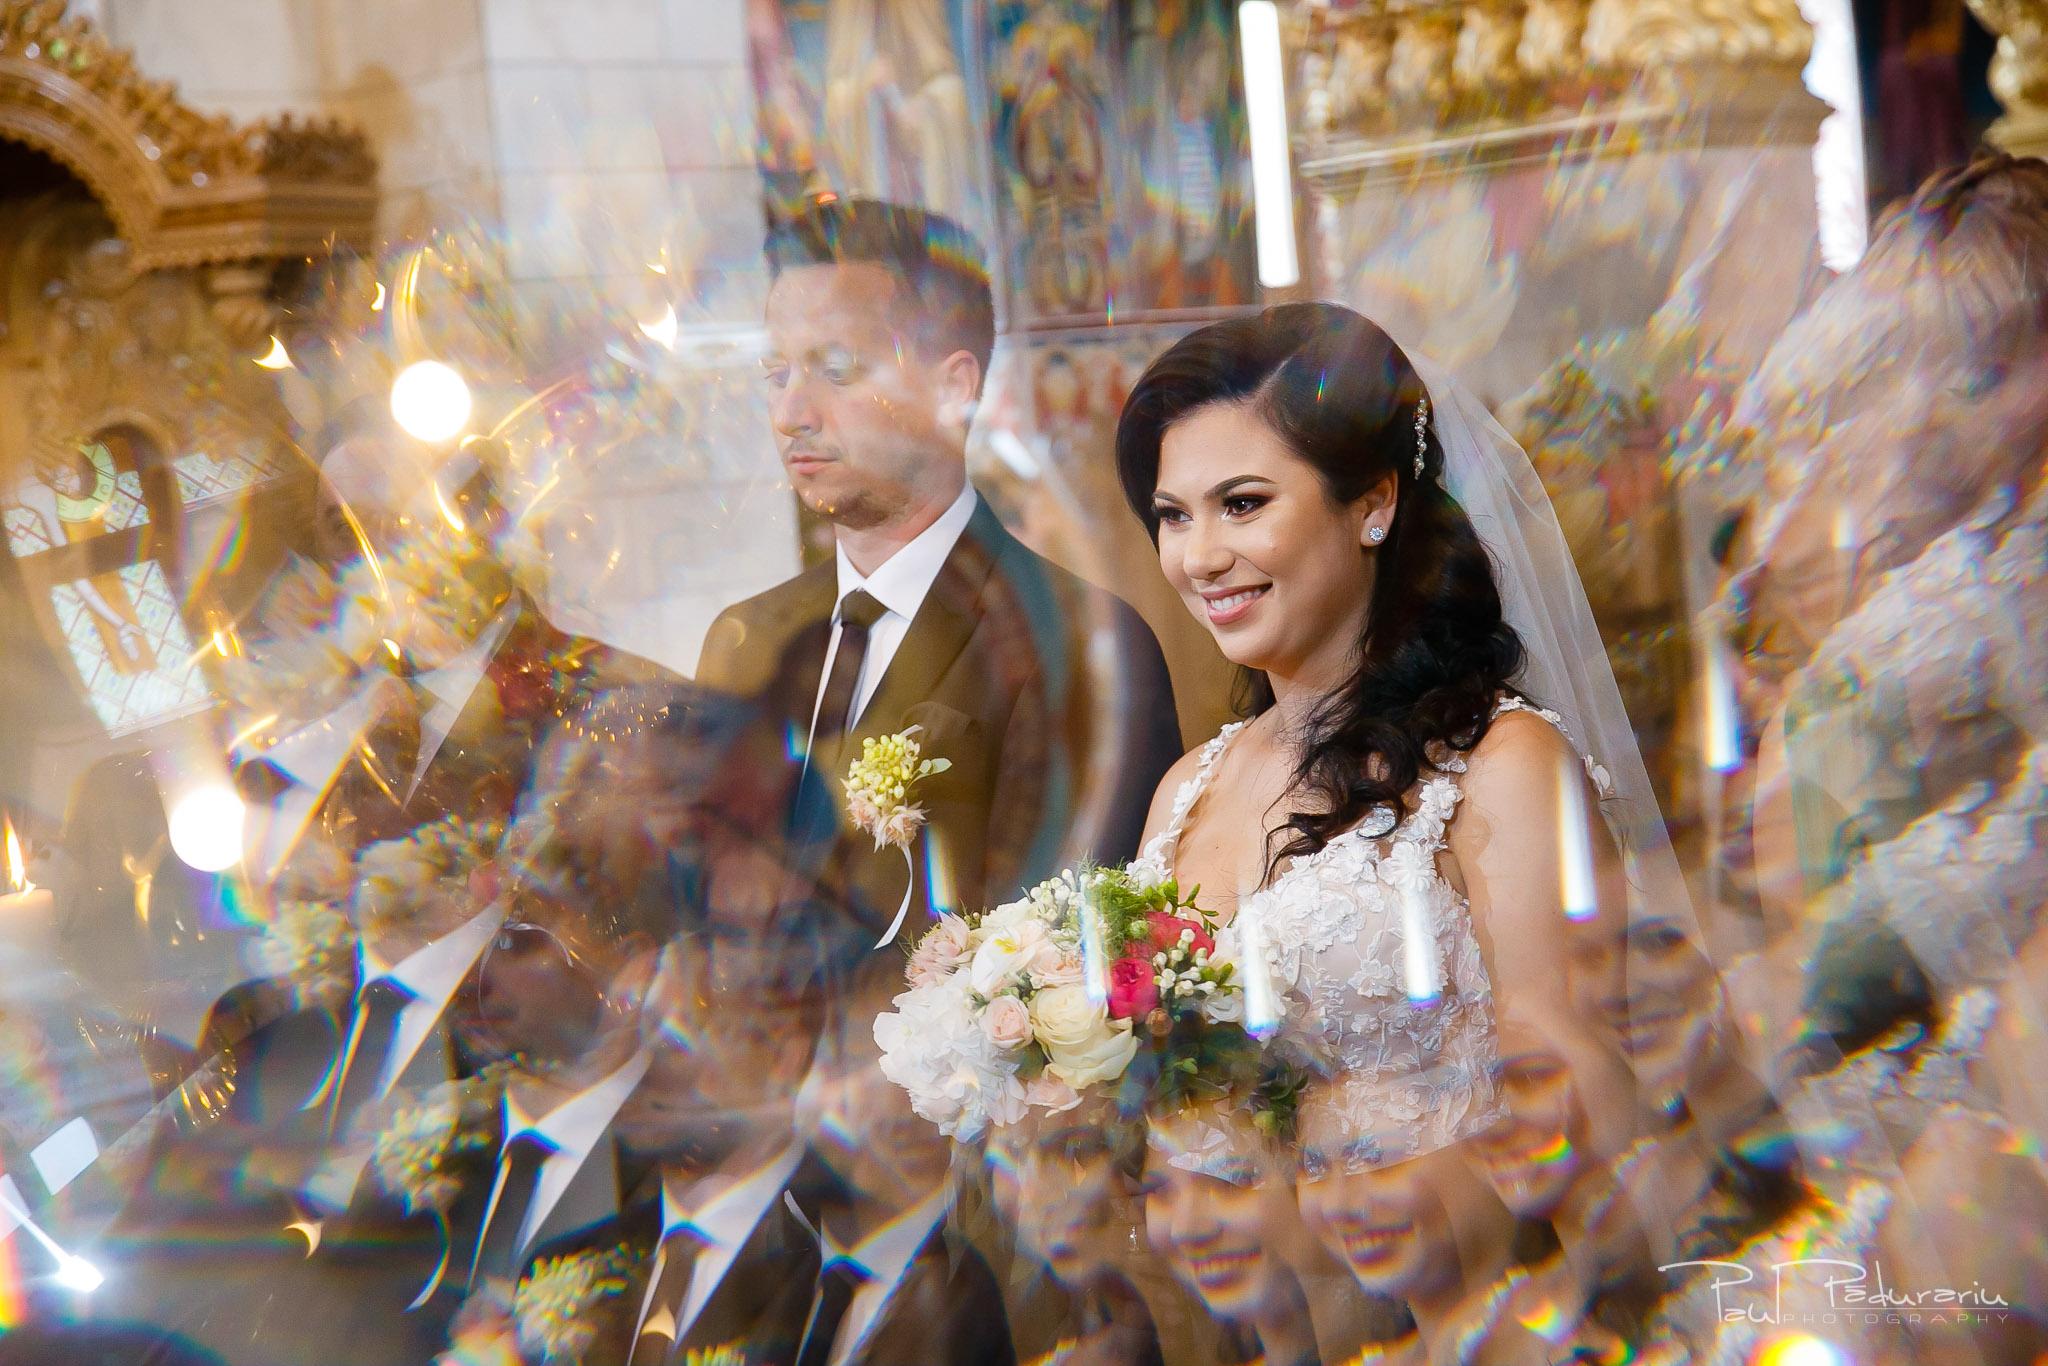 Denisa si Andrei nunta Hotel International Iasi 2019 fotograf nunta iasi paul padurariu 25